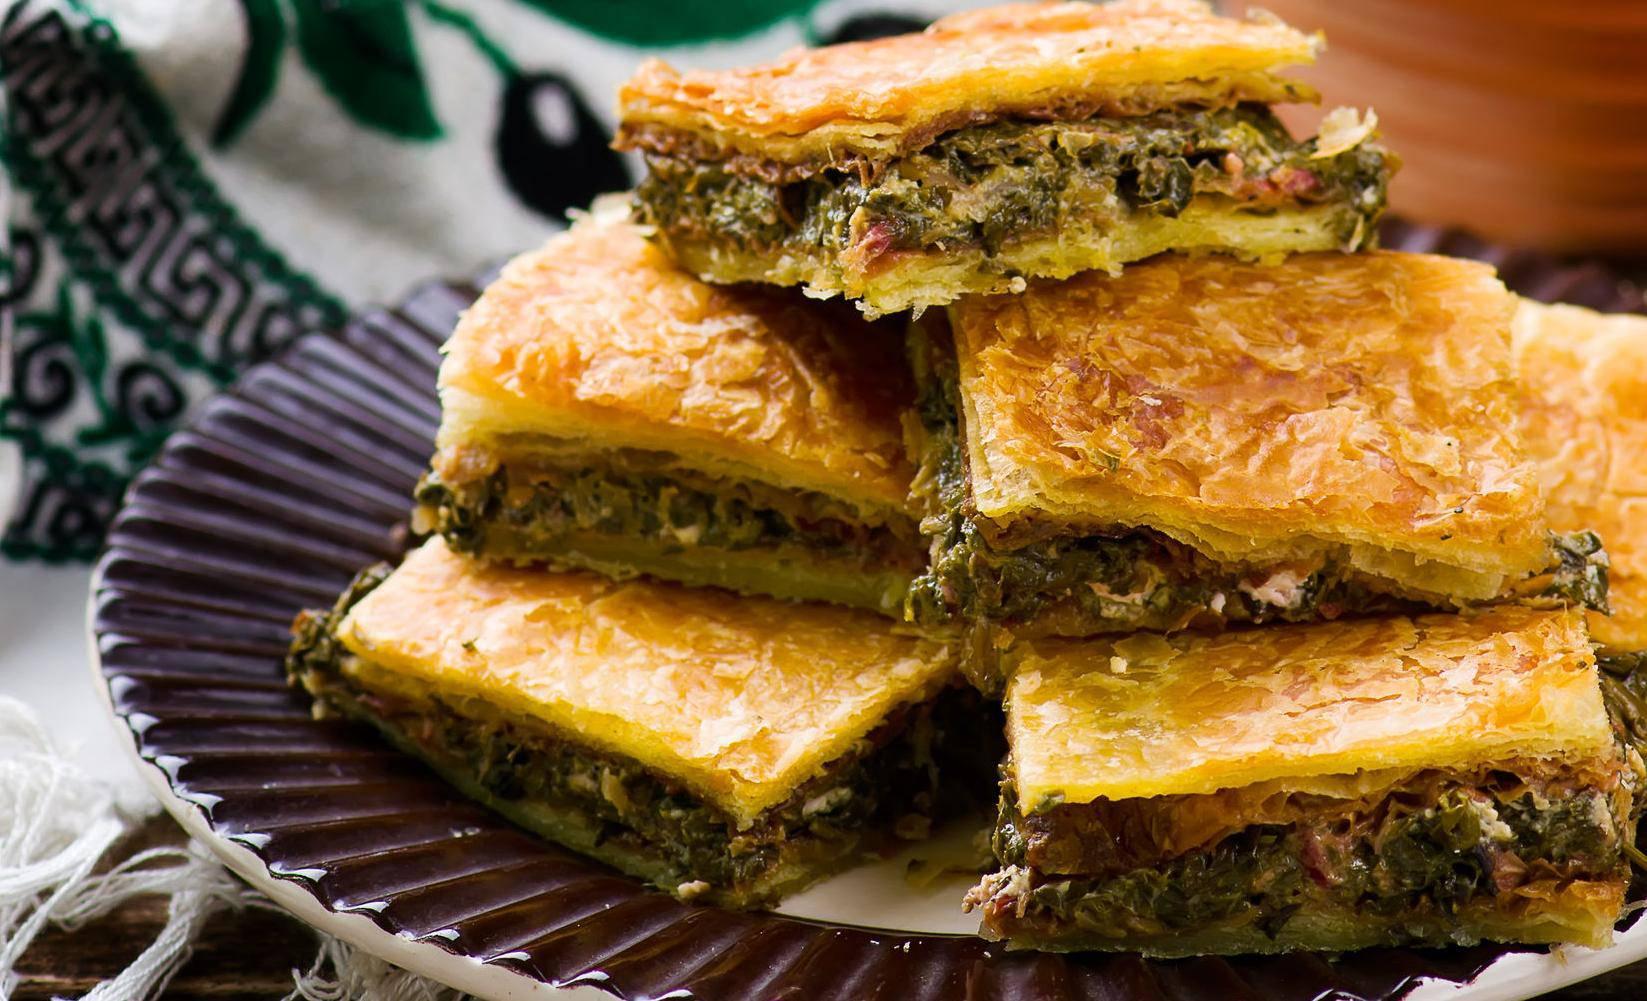 Grčka pita sa sirom i špinatom je odlična ideja za brzu večeru